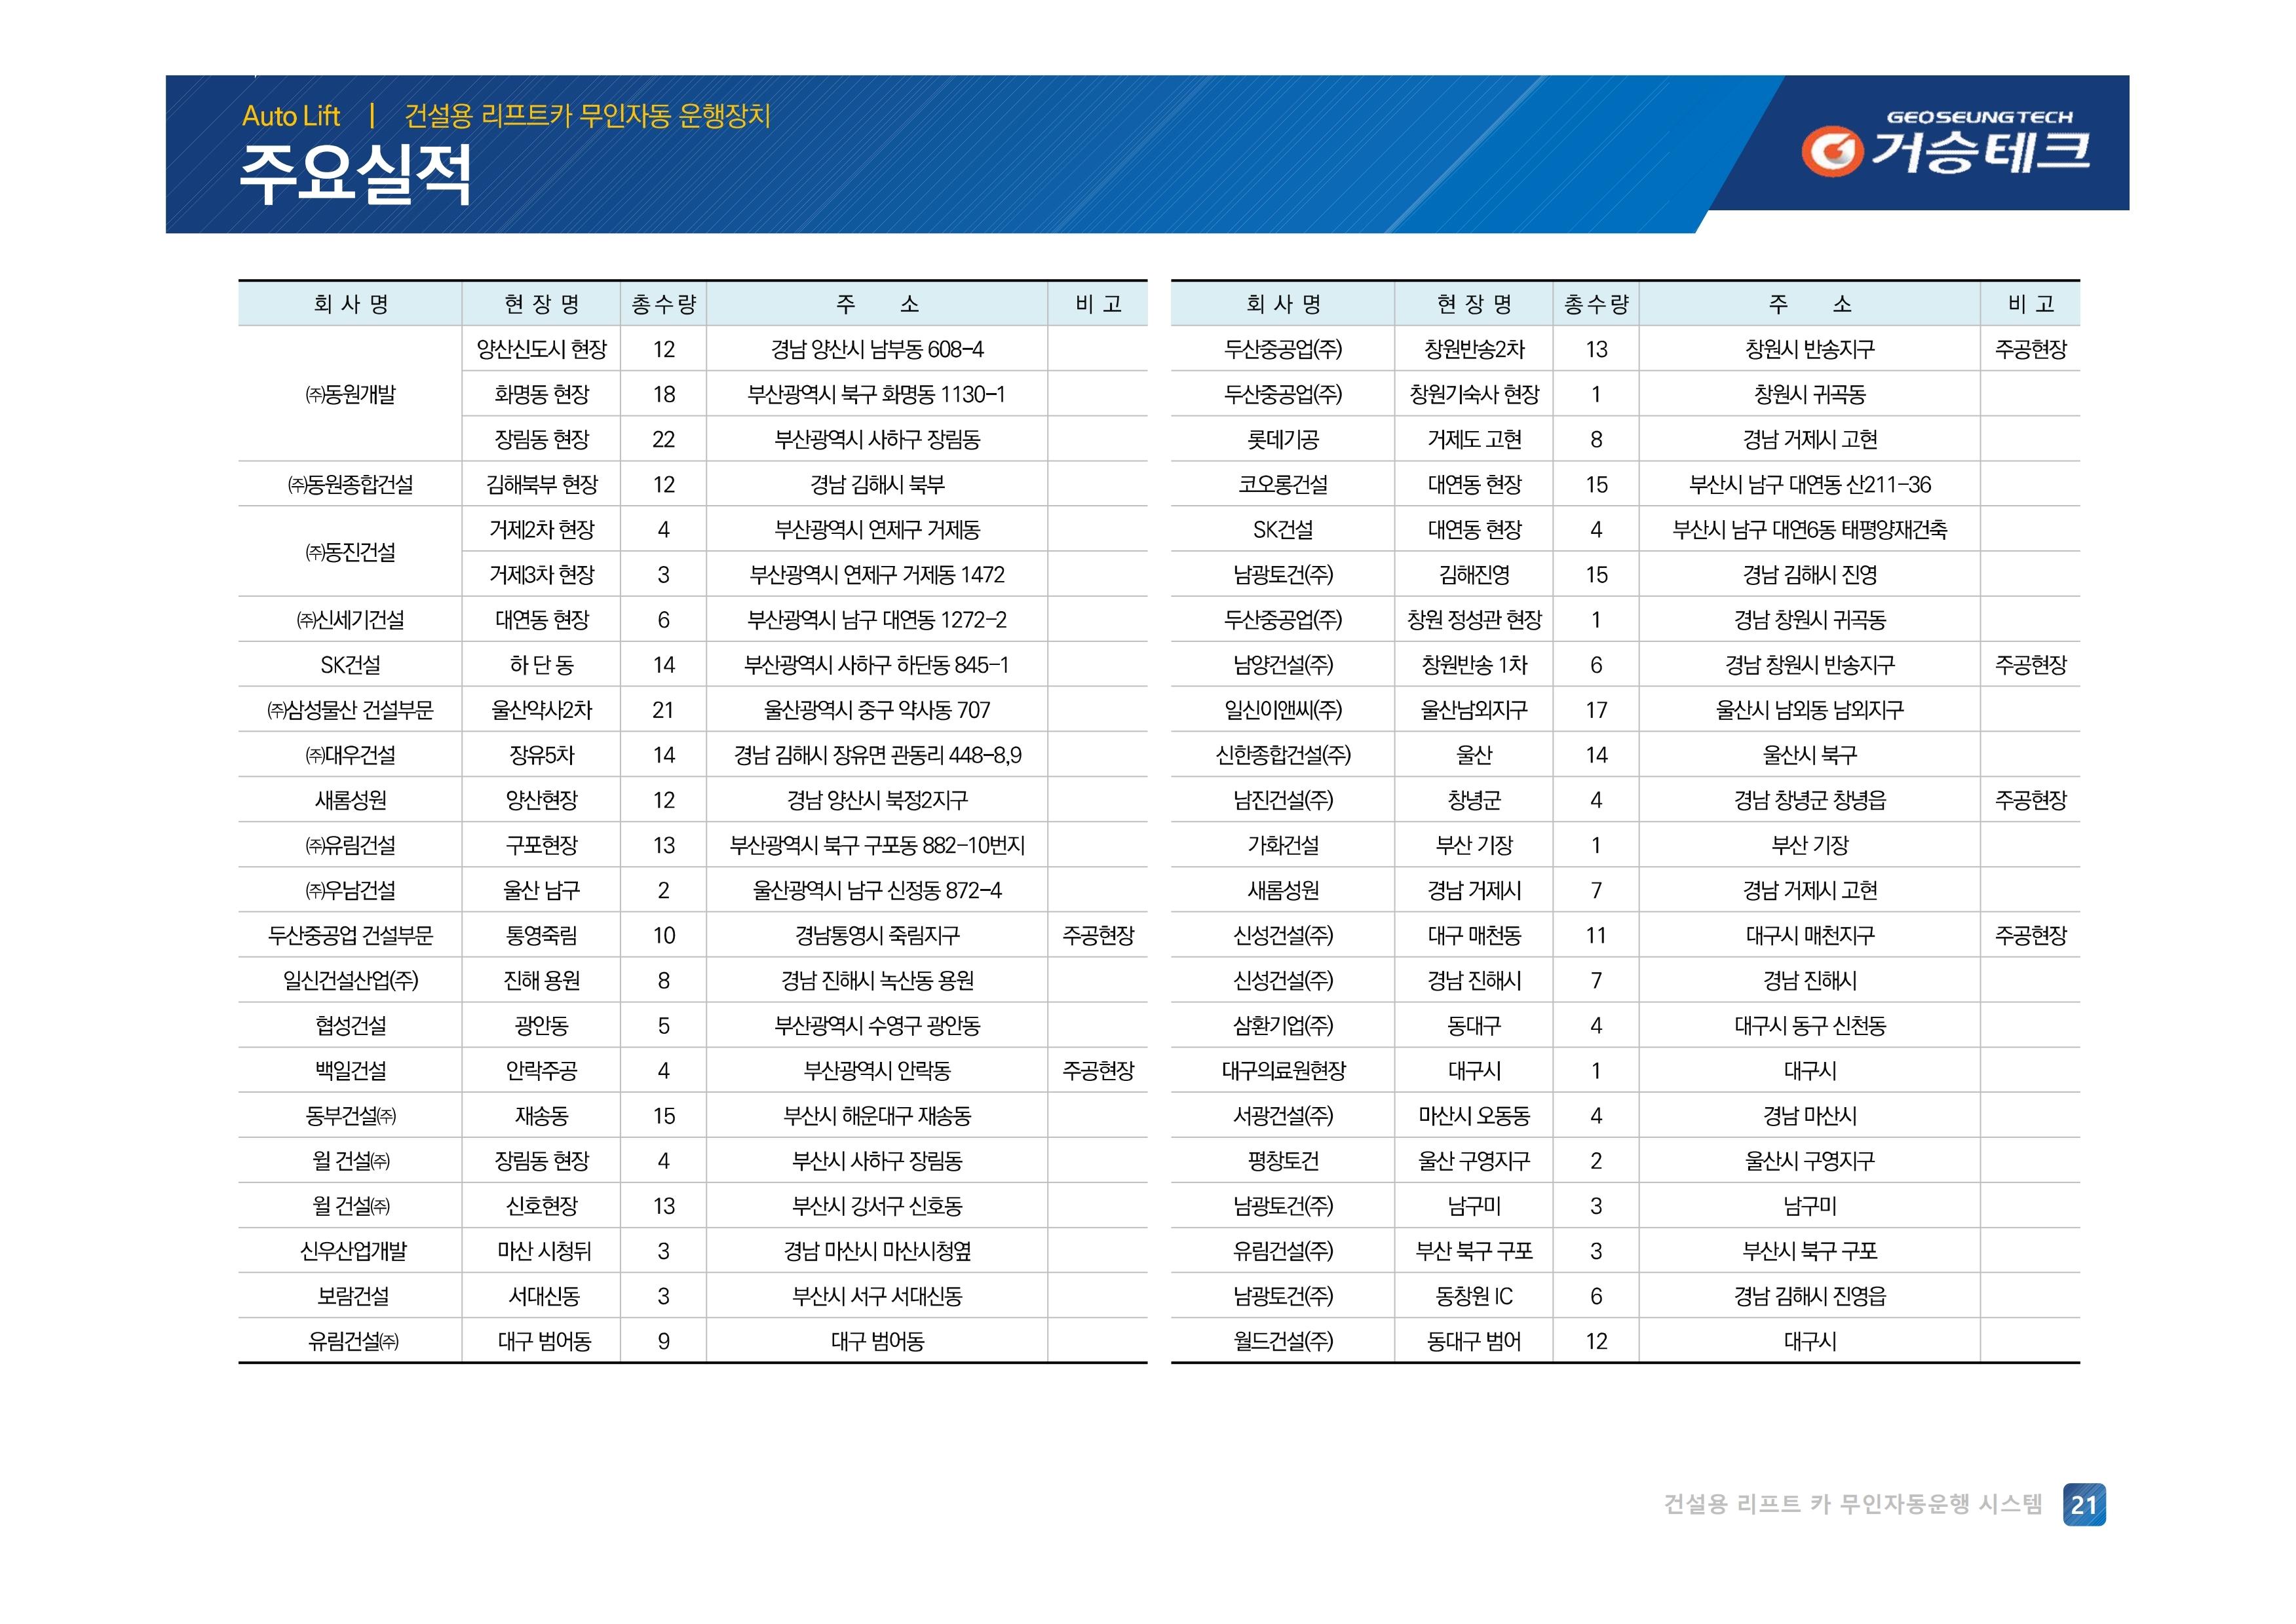 무인자동 (거승테크)-Rev01 (2020-07-22).pdf_page_21.jpg